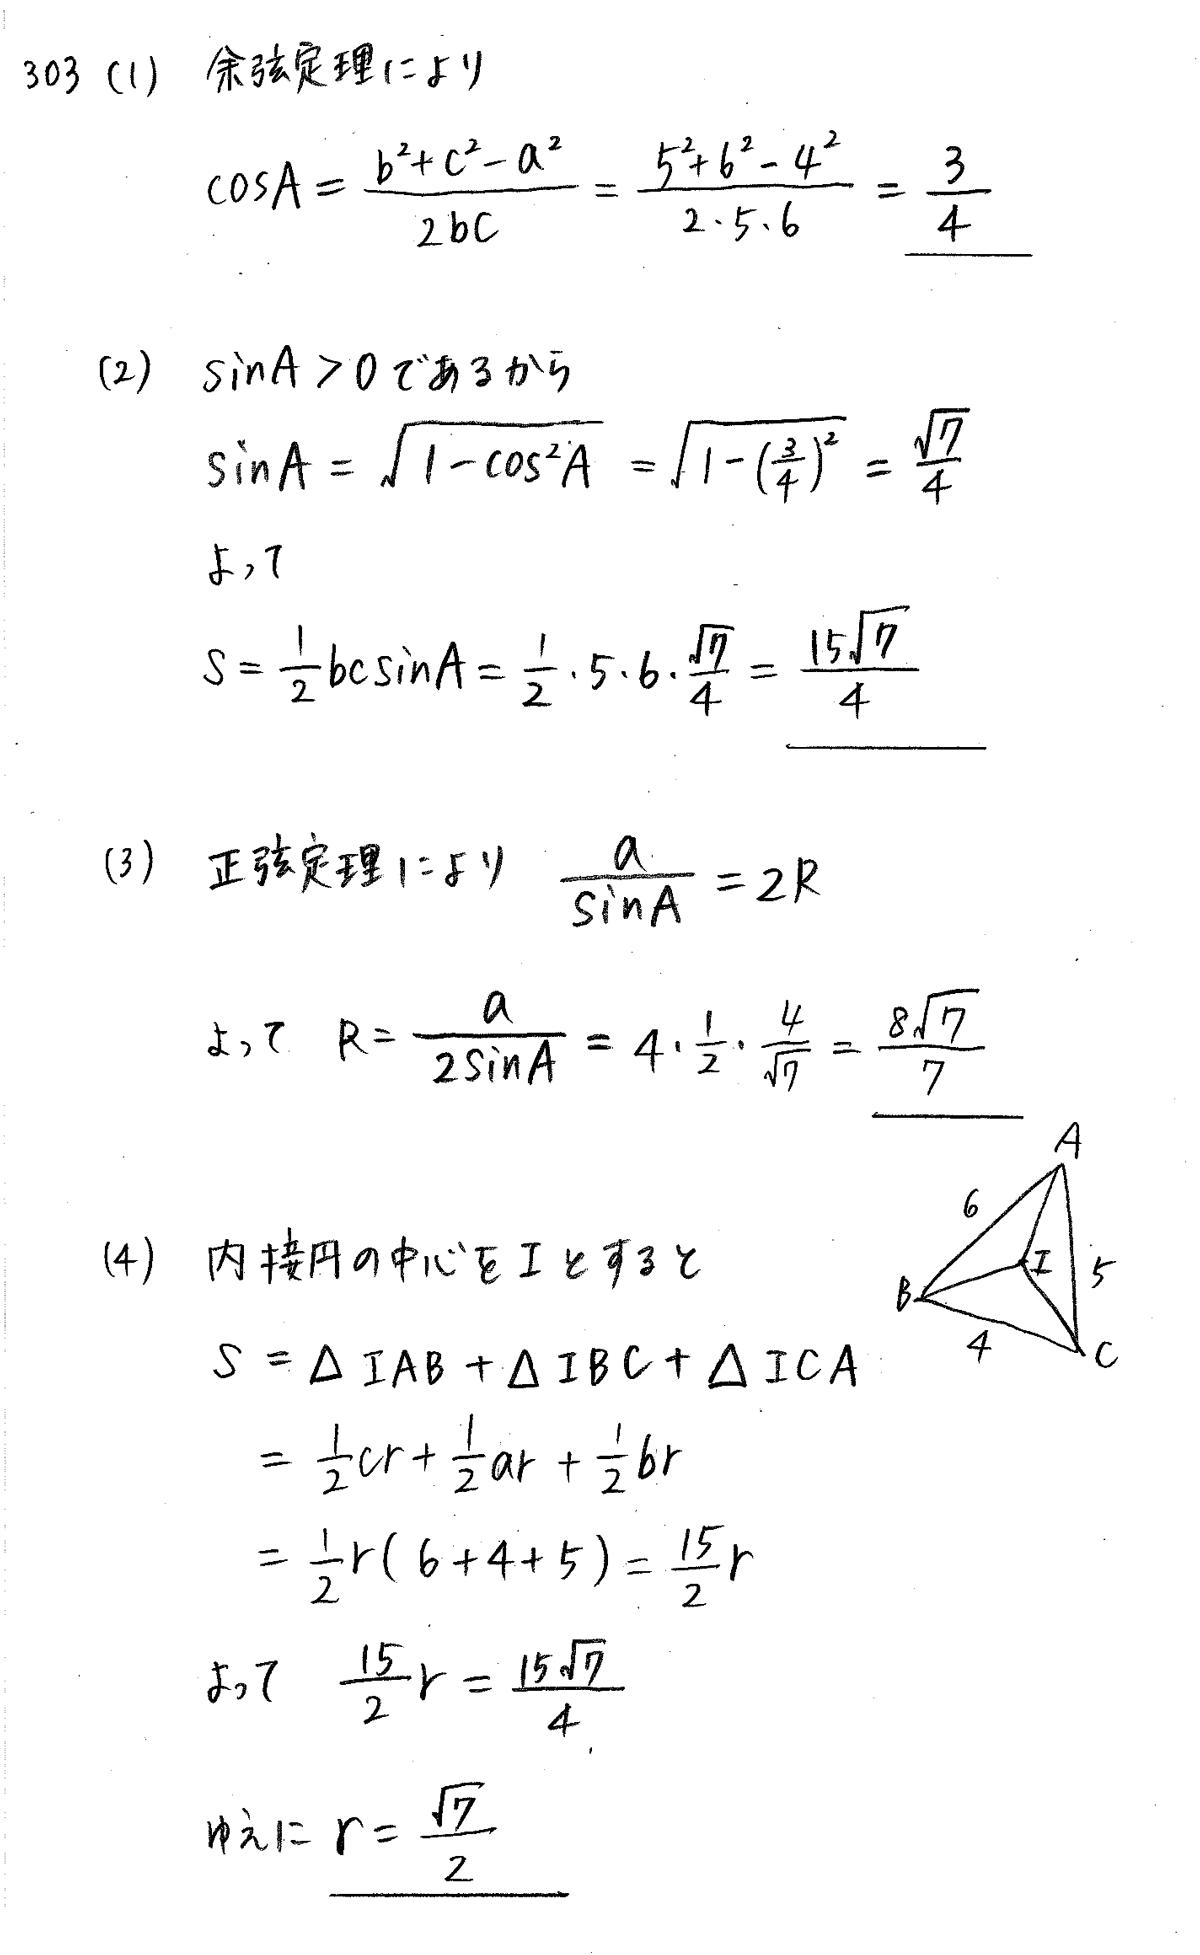 クリアー数学1-303解答